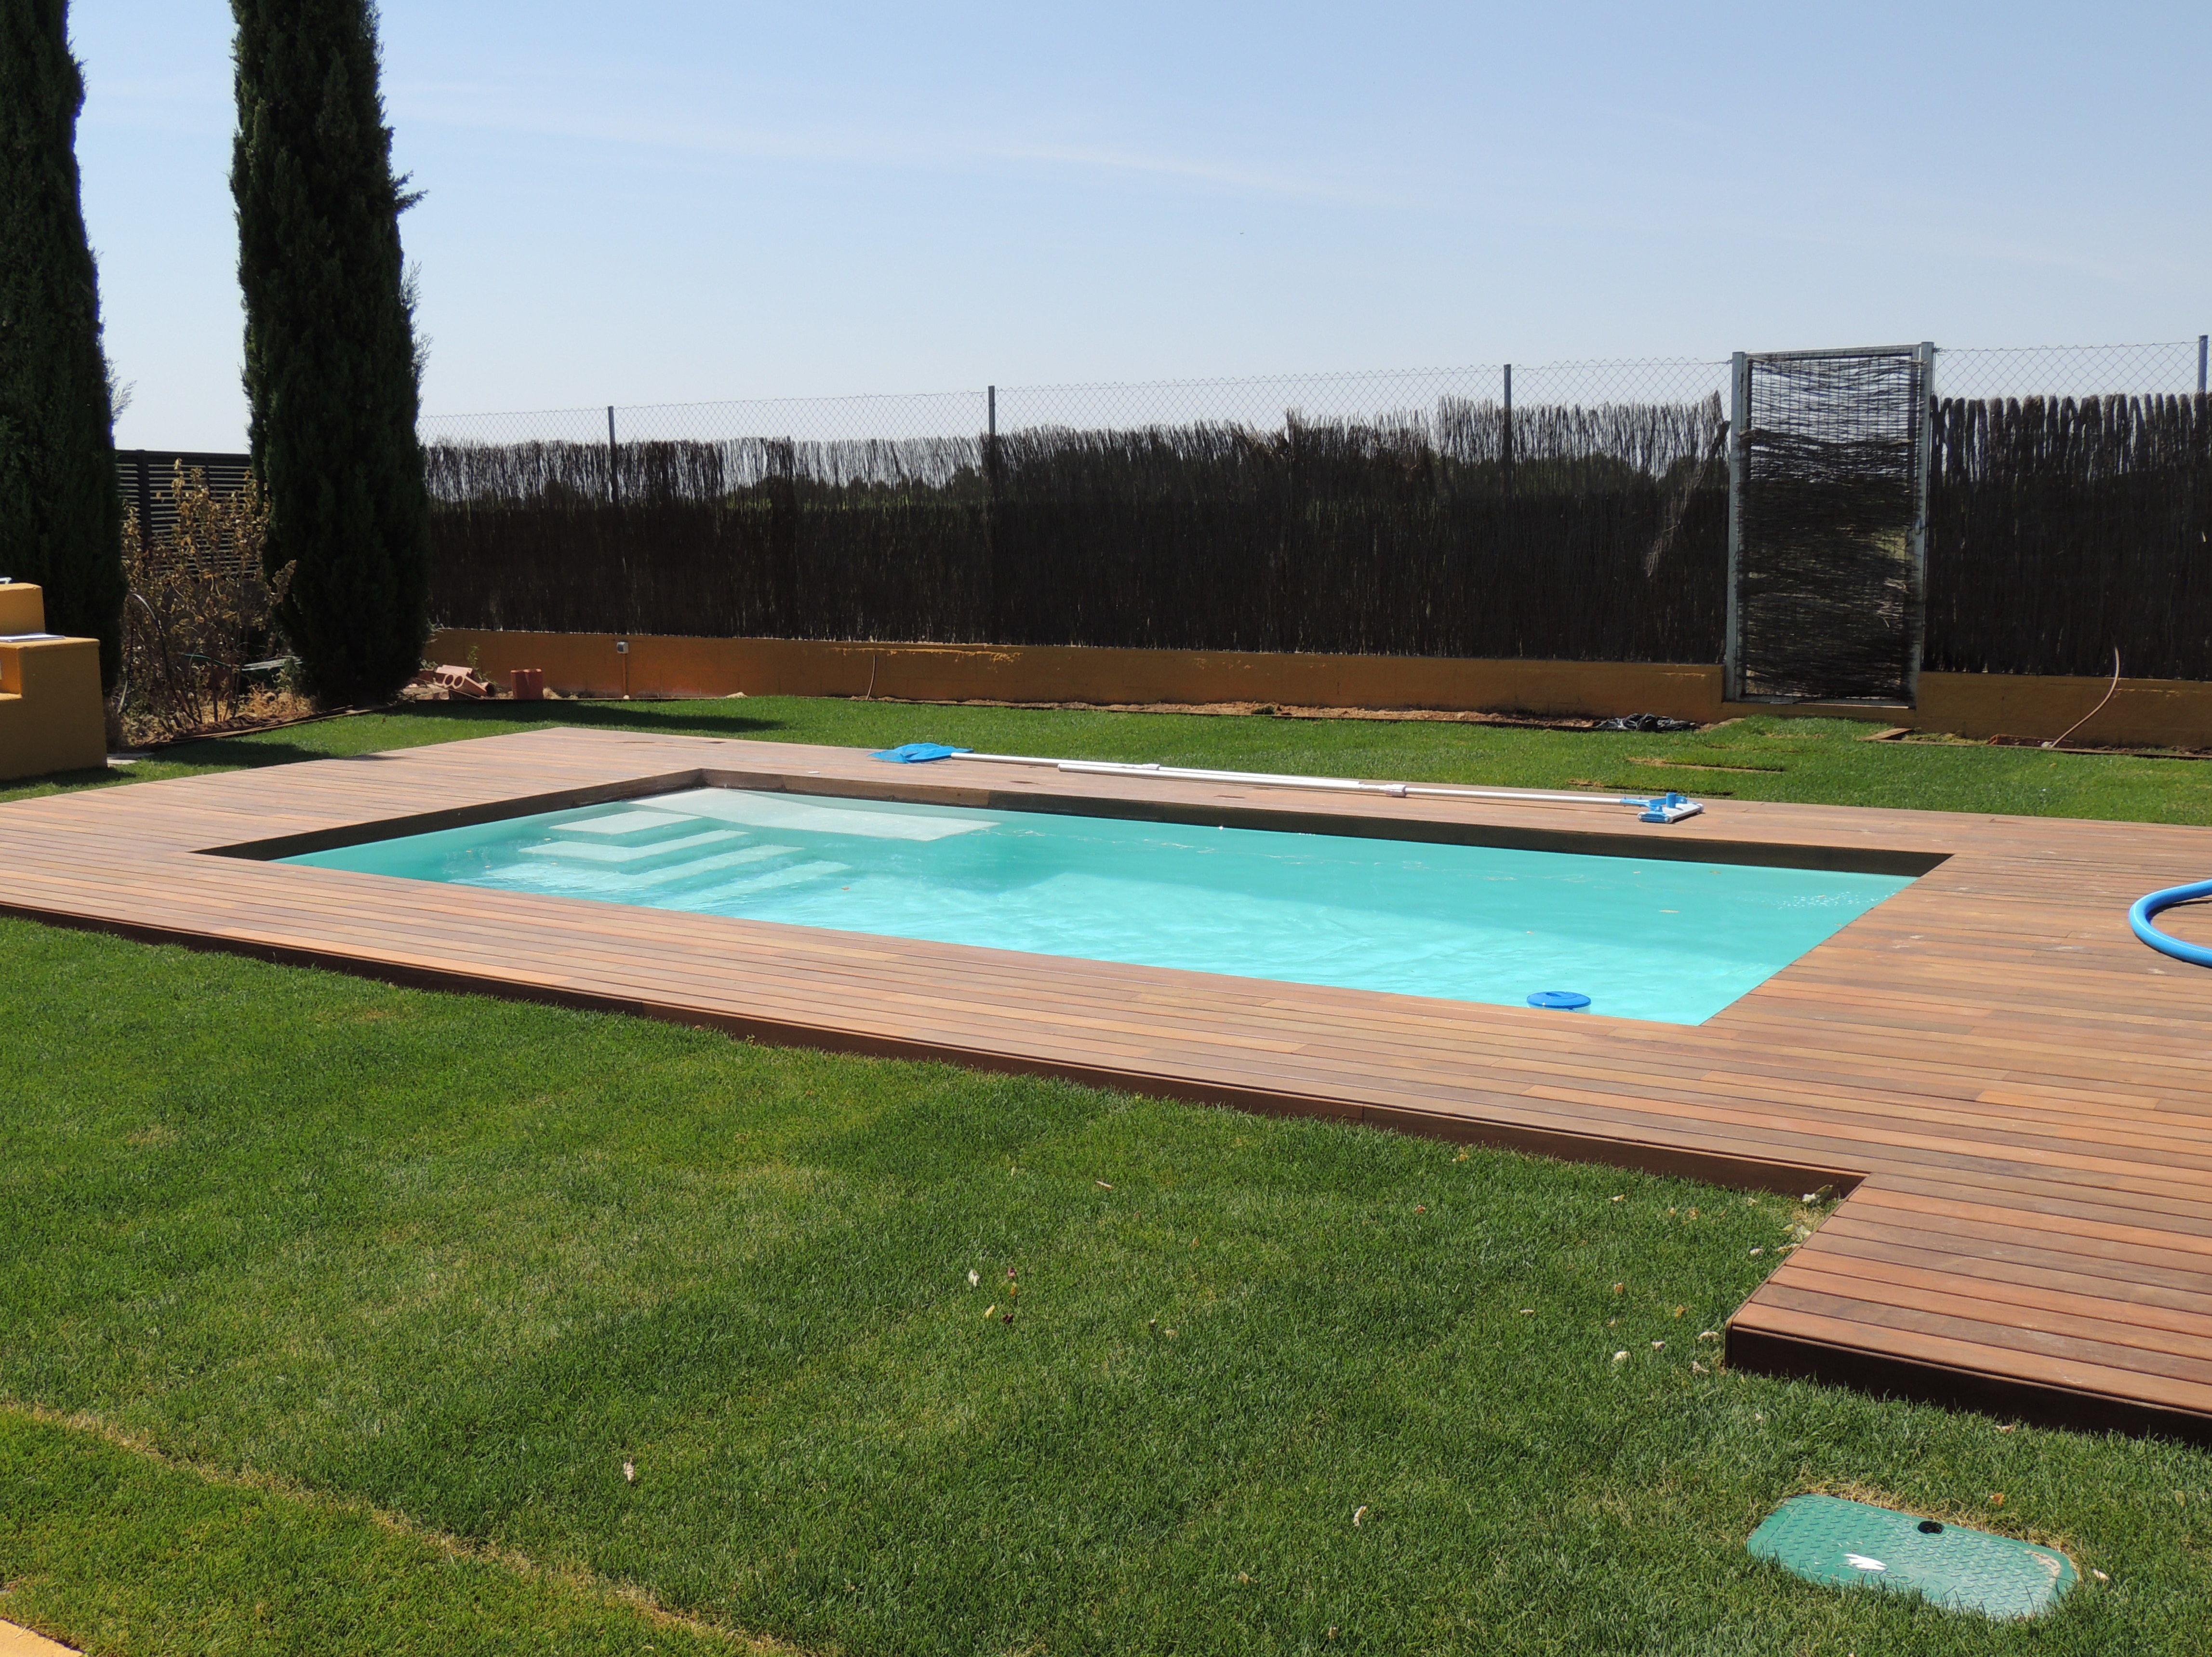 Construcci n de piscinas en madrid centro para disfrutar for Construccion de piscinas temperadas